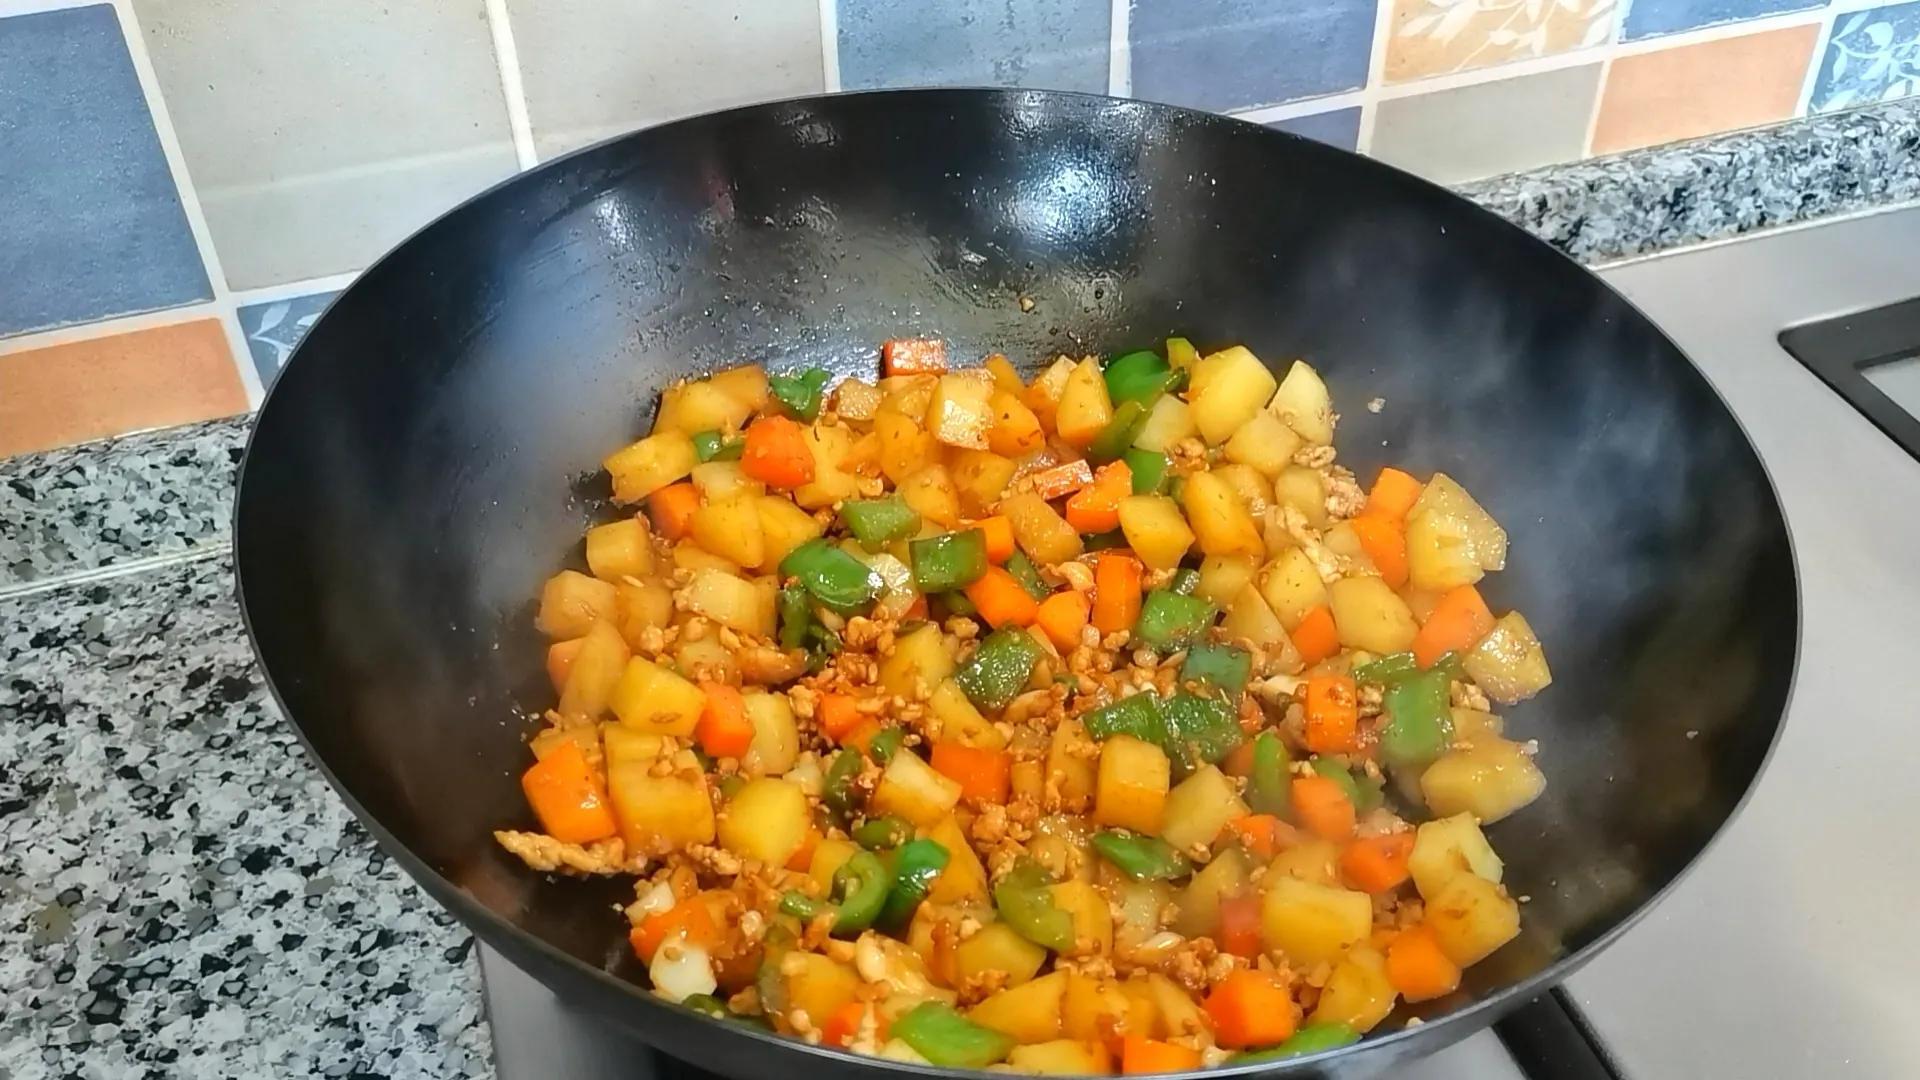 土豆的神仙吃法,连孩子都能多吃半碗饭,制作简单,好吃又营养 美食做法 第11张